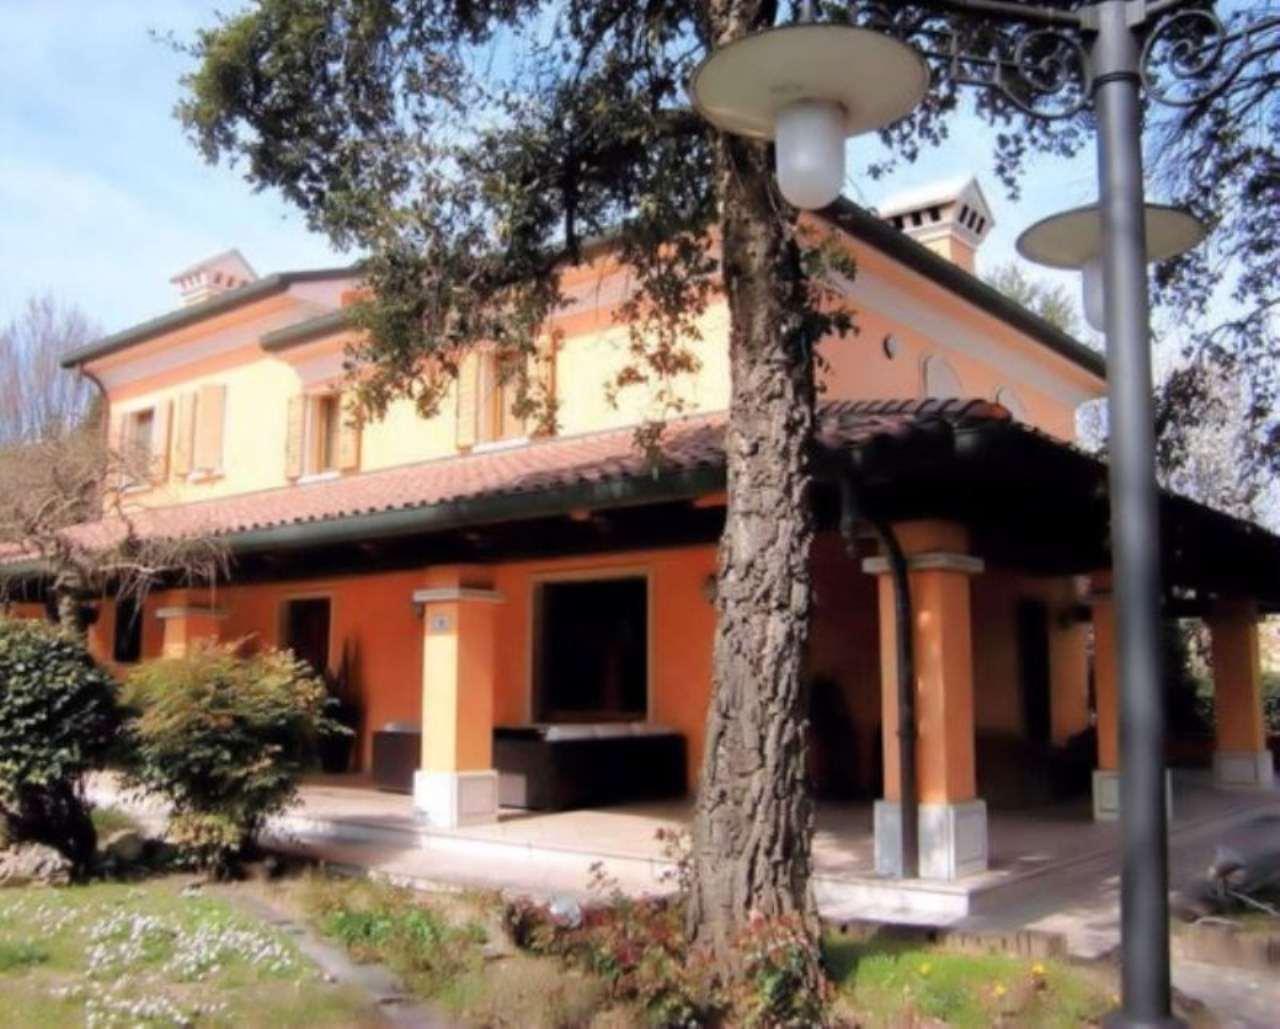 Villa in vendita a Cesenatico, 6 locali, prezzo € 890.000 | CambioCasa.it